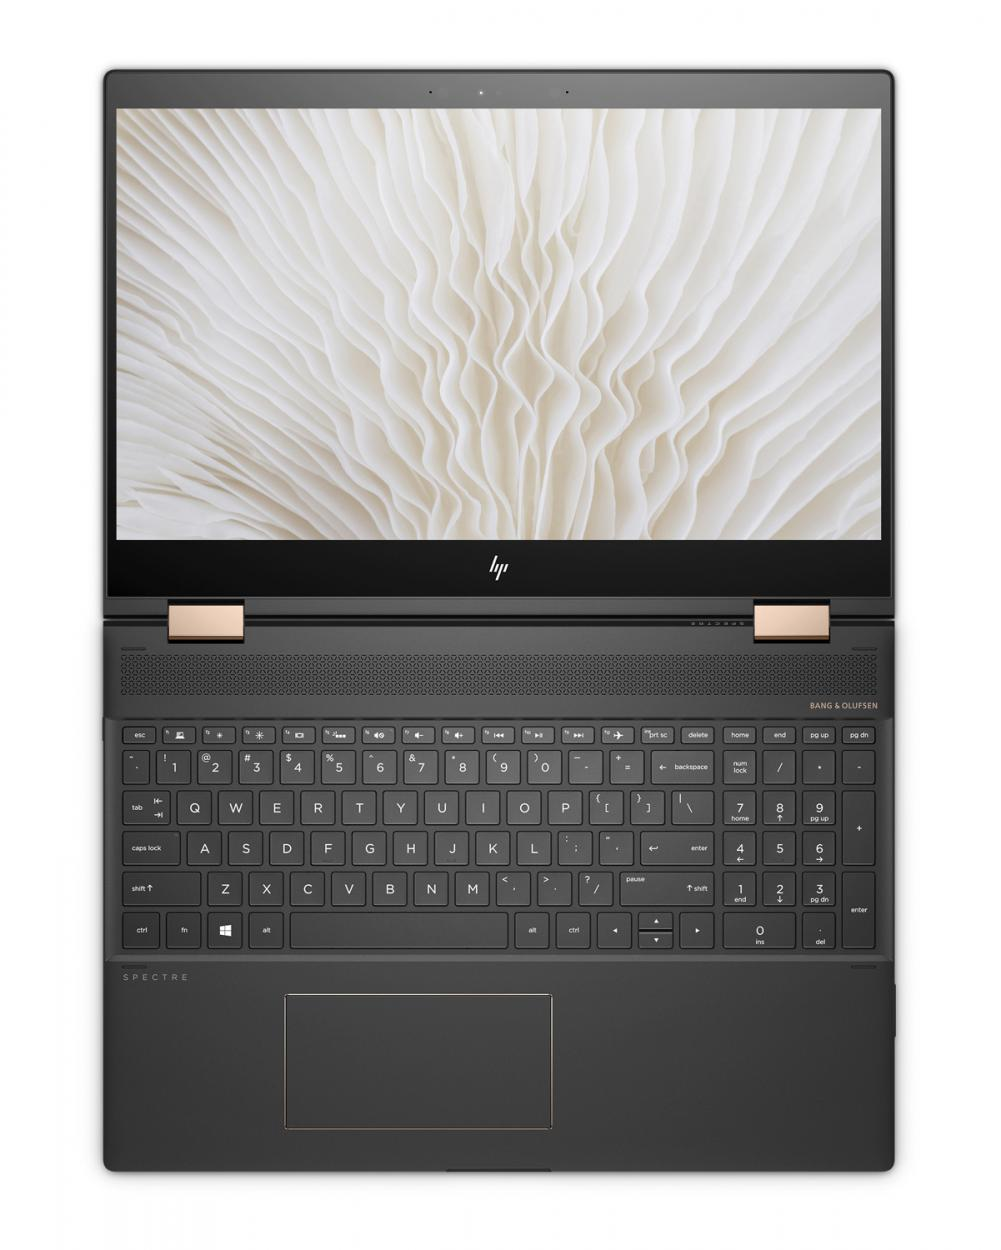 Ordinateur portable HP Spectre x360 15-ch000nf Cendre 4K tactile - MX150 - photo 7